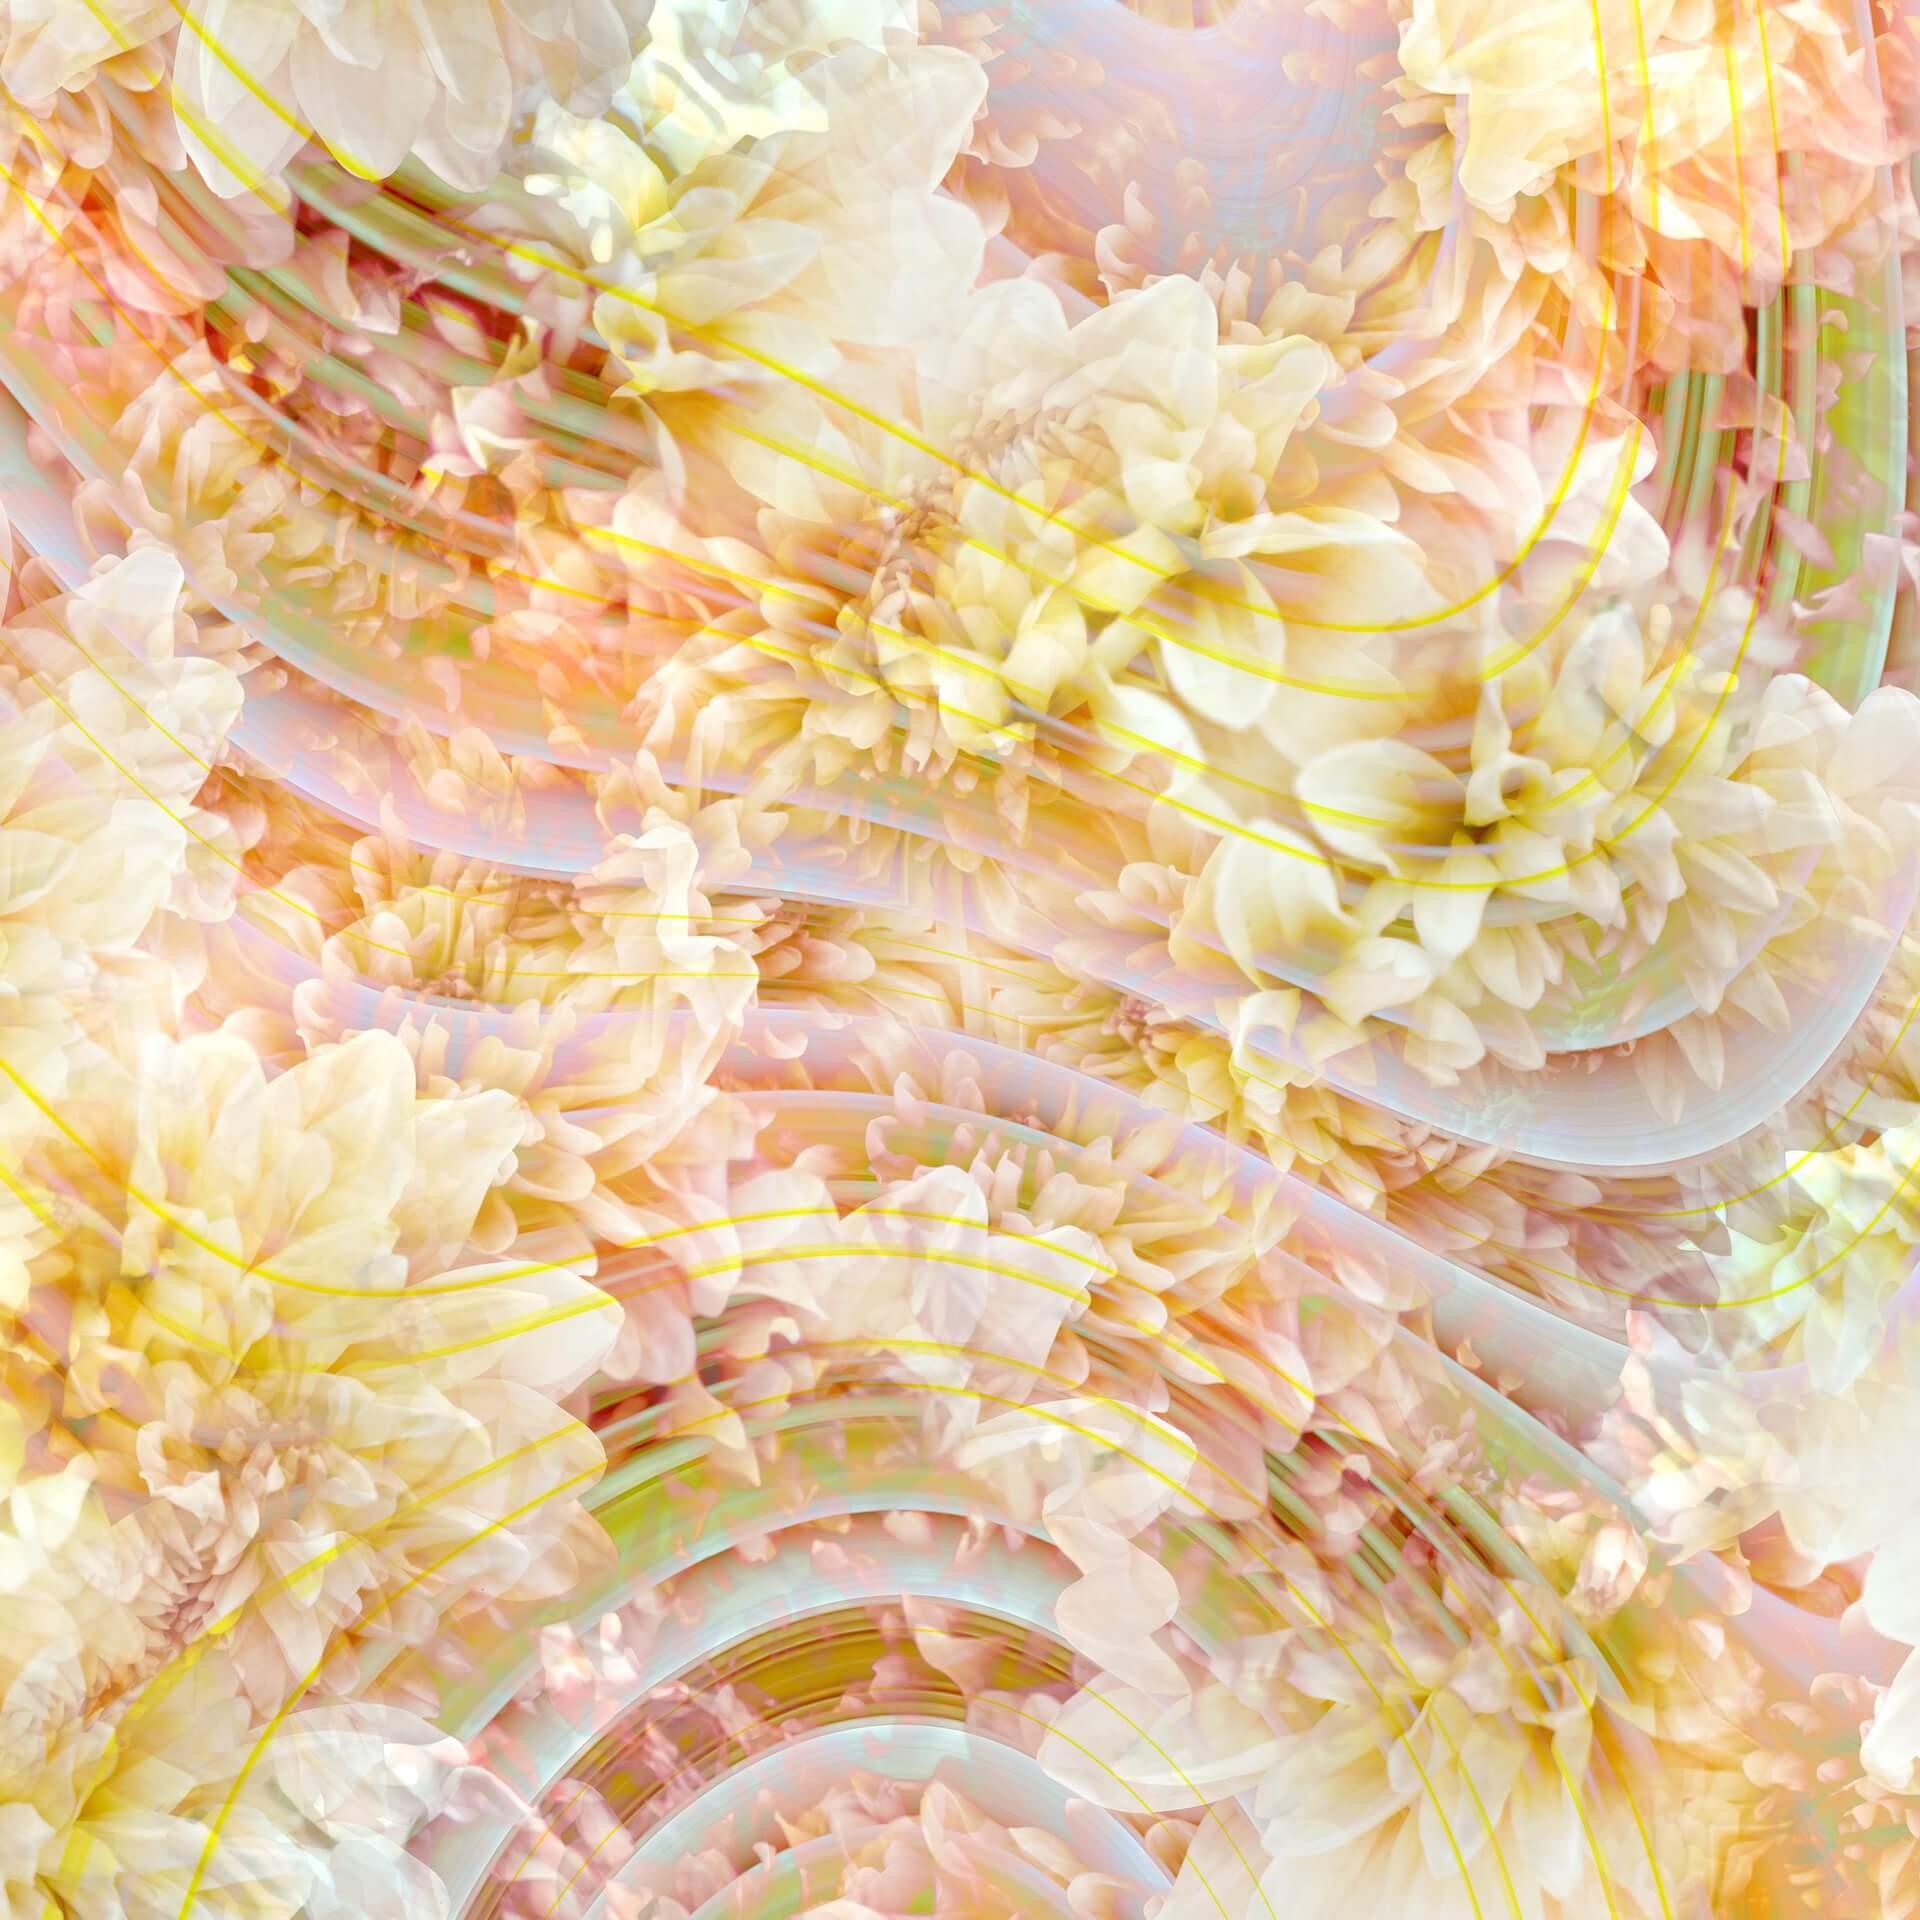 黒瀧節也による音楽と写真を組み合わせたアートヴァイナルやNFT作品のエキシビジョン<ALTER EGO>が原宿 THE PLUGにて開催! art210604_alterego_9